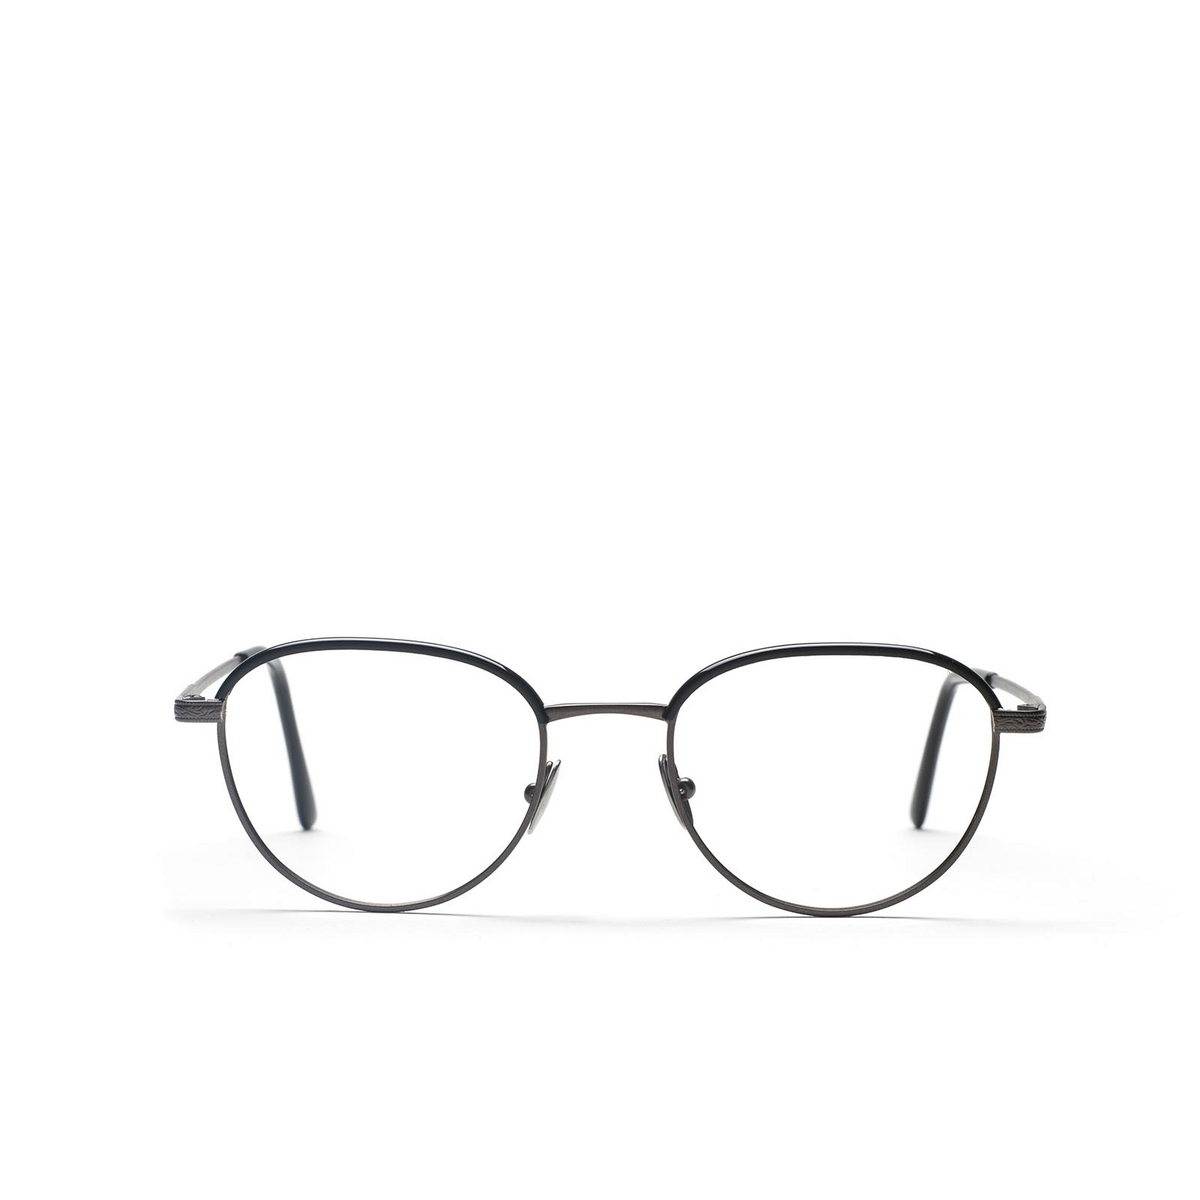 L.G.R® Square Eyeglasses: Sirocco color Gunmetal 04.